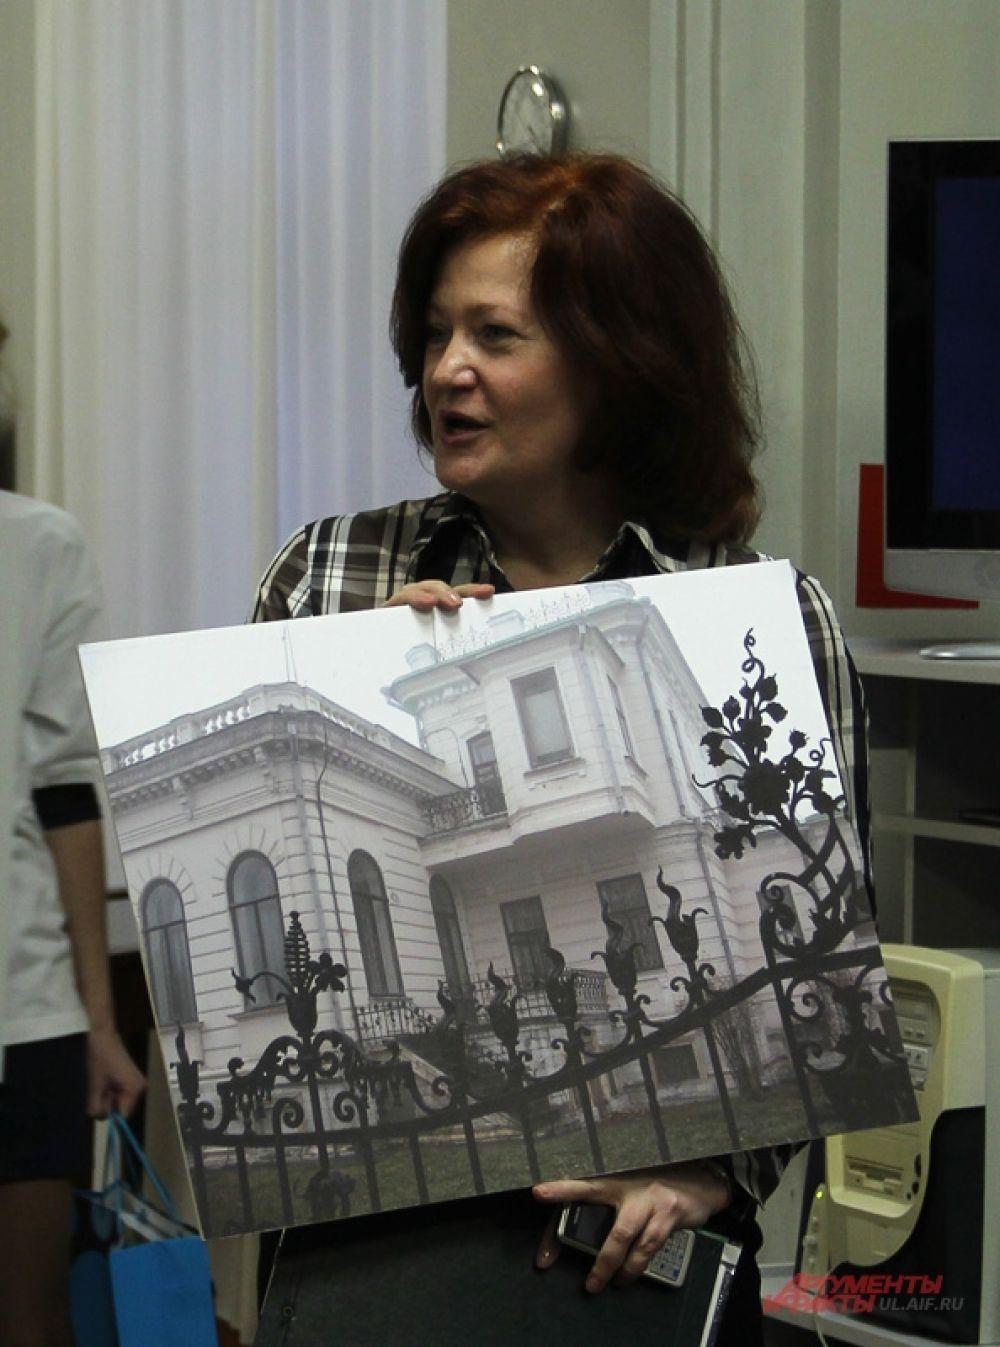 Снимок известного краеведа Алексея Сытина также оказался в числе победителей конкурса